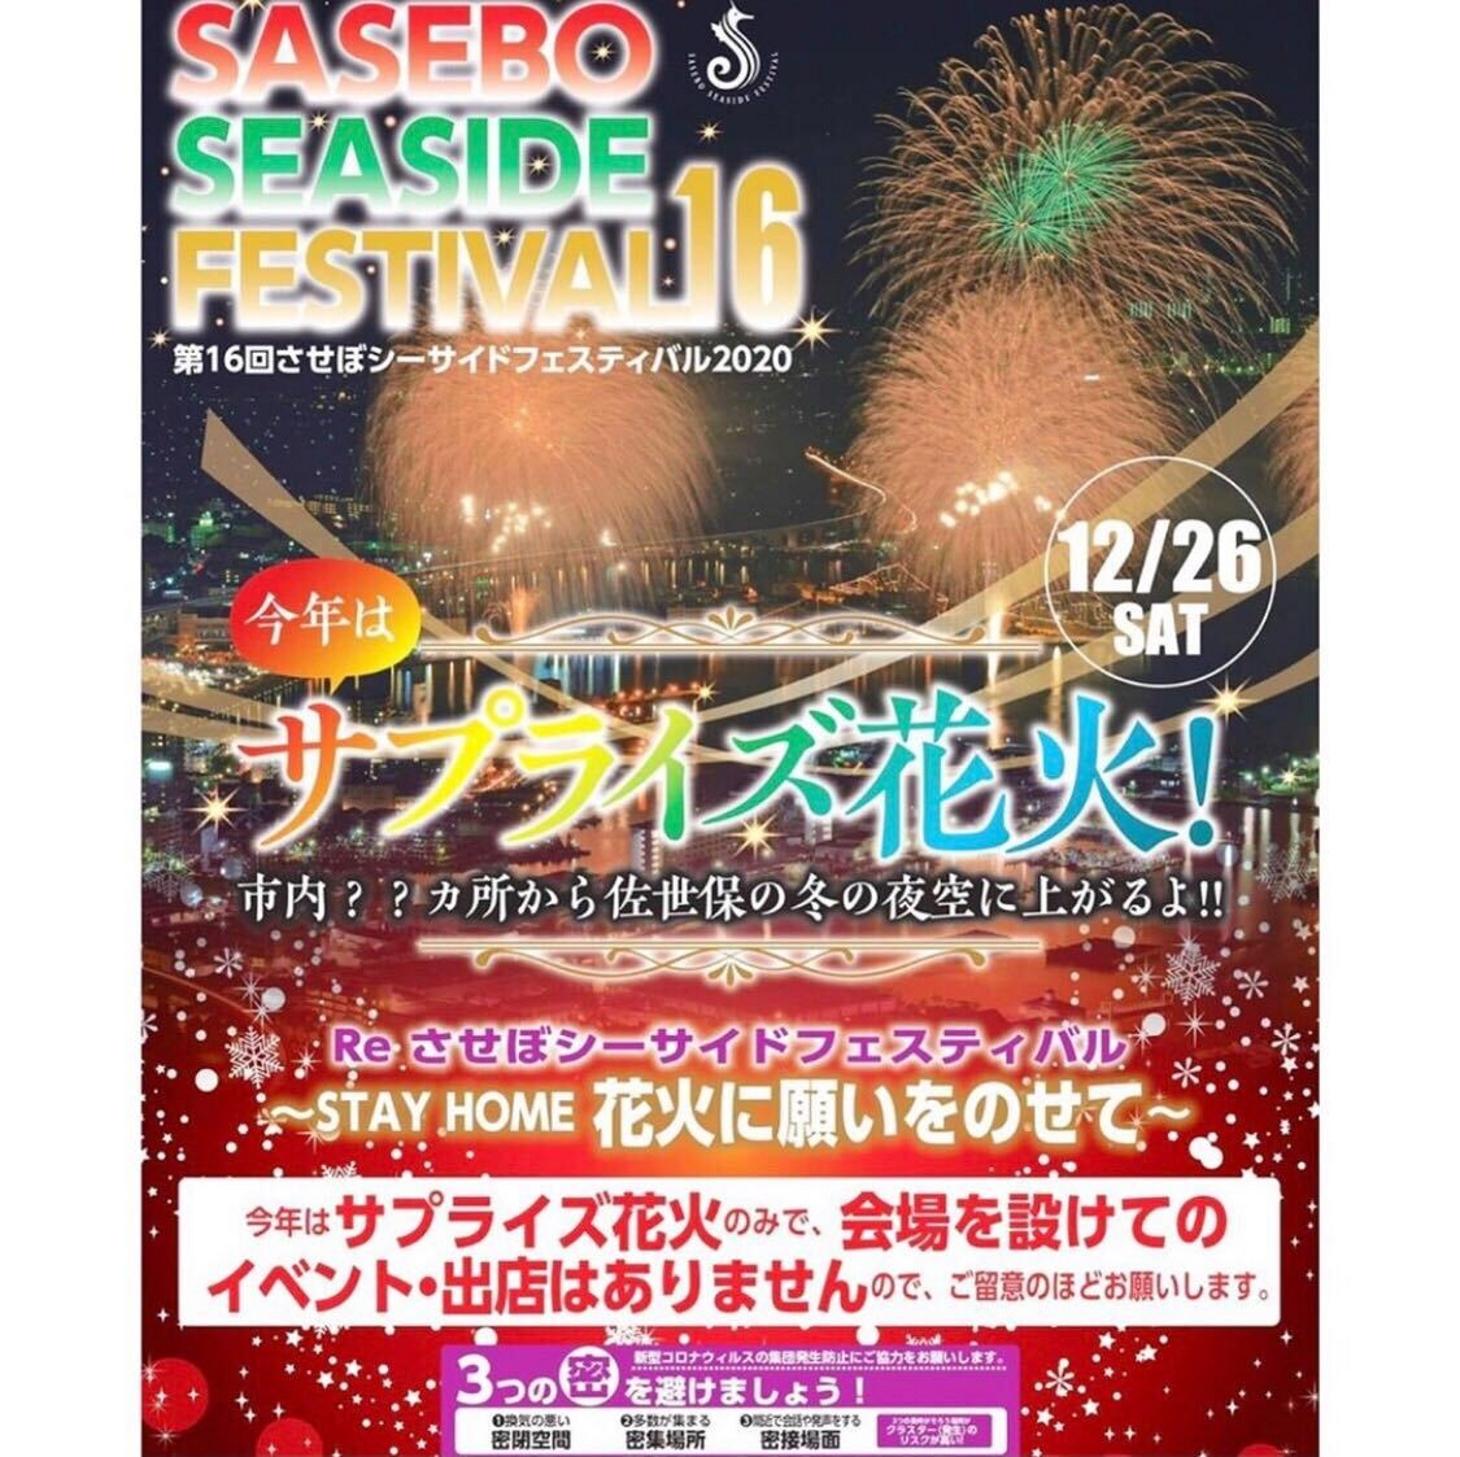 させぼシーサイドフェスティバル2020